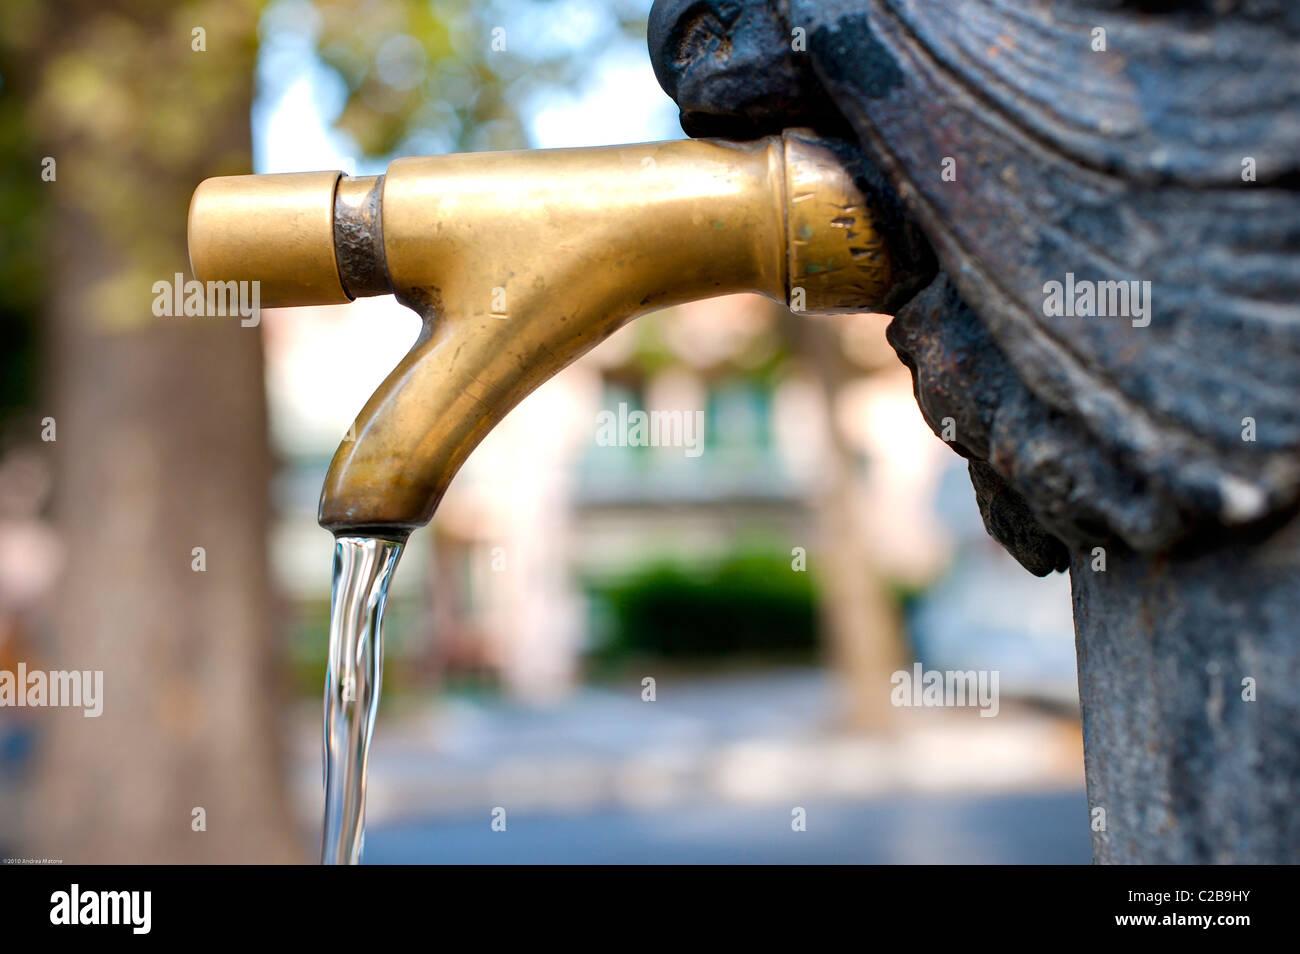 Einen öffentlichen Wasserhahn Brunnen Stockbild